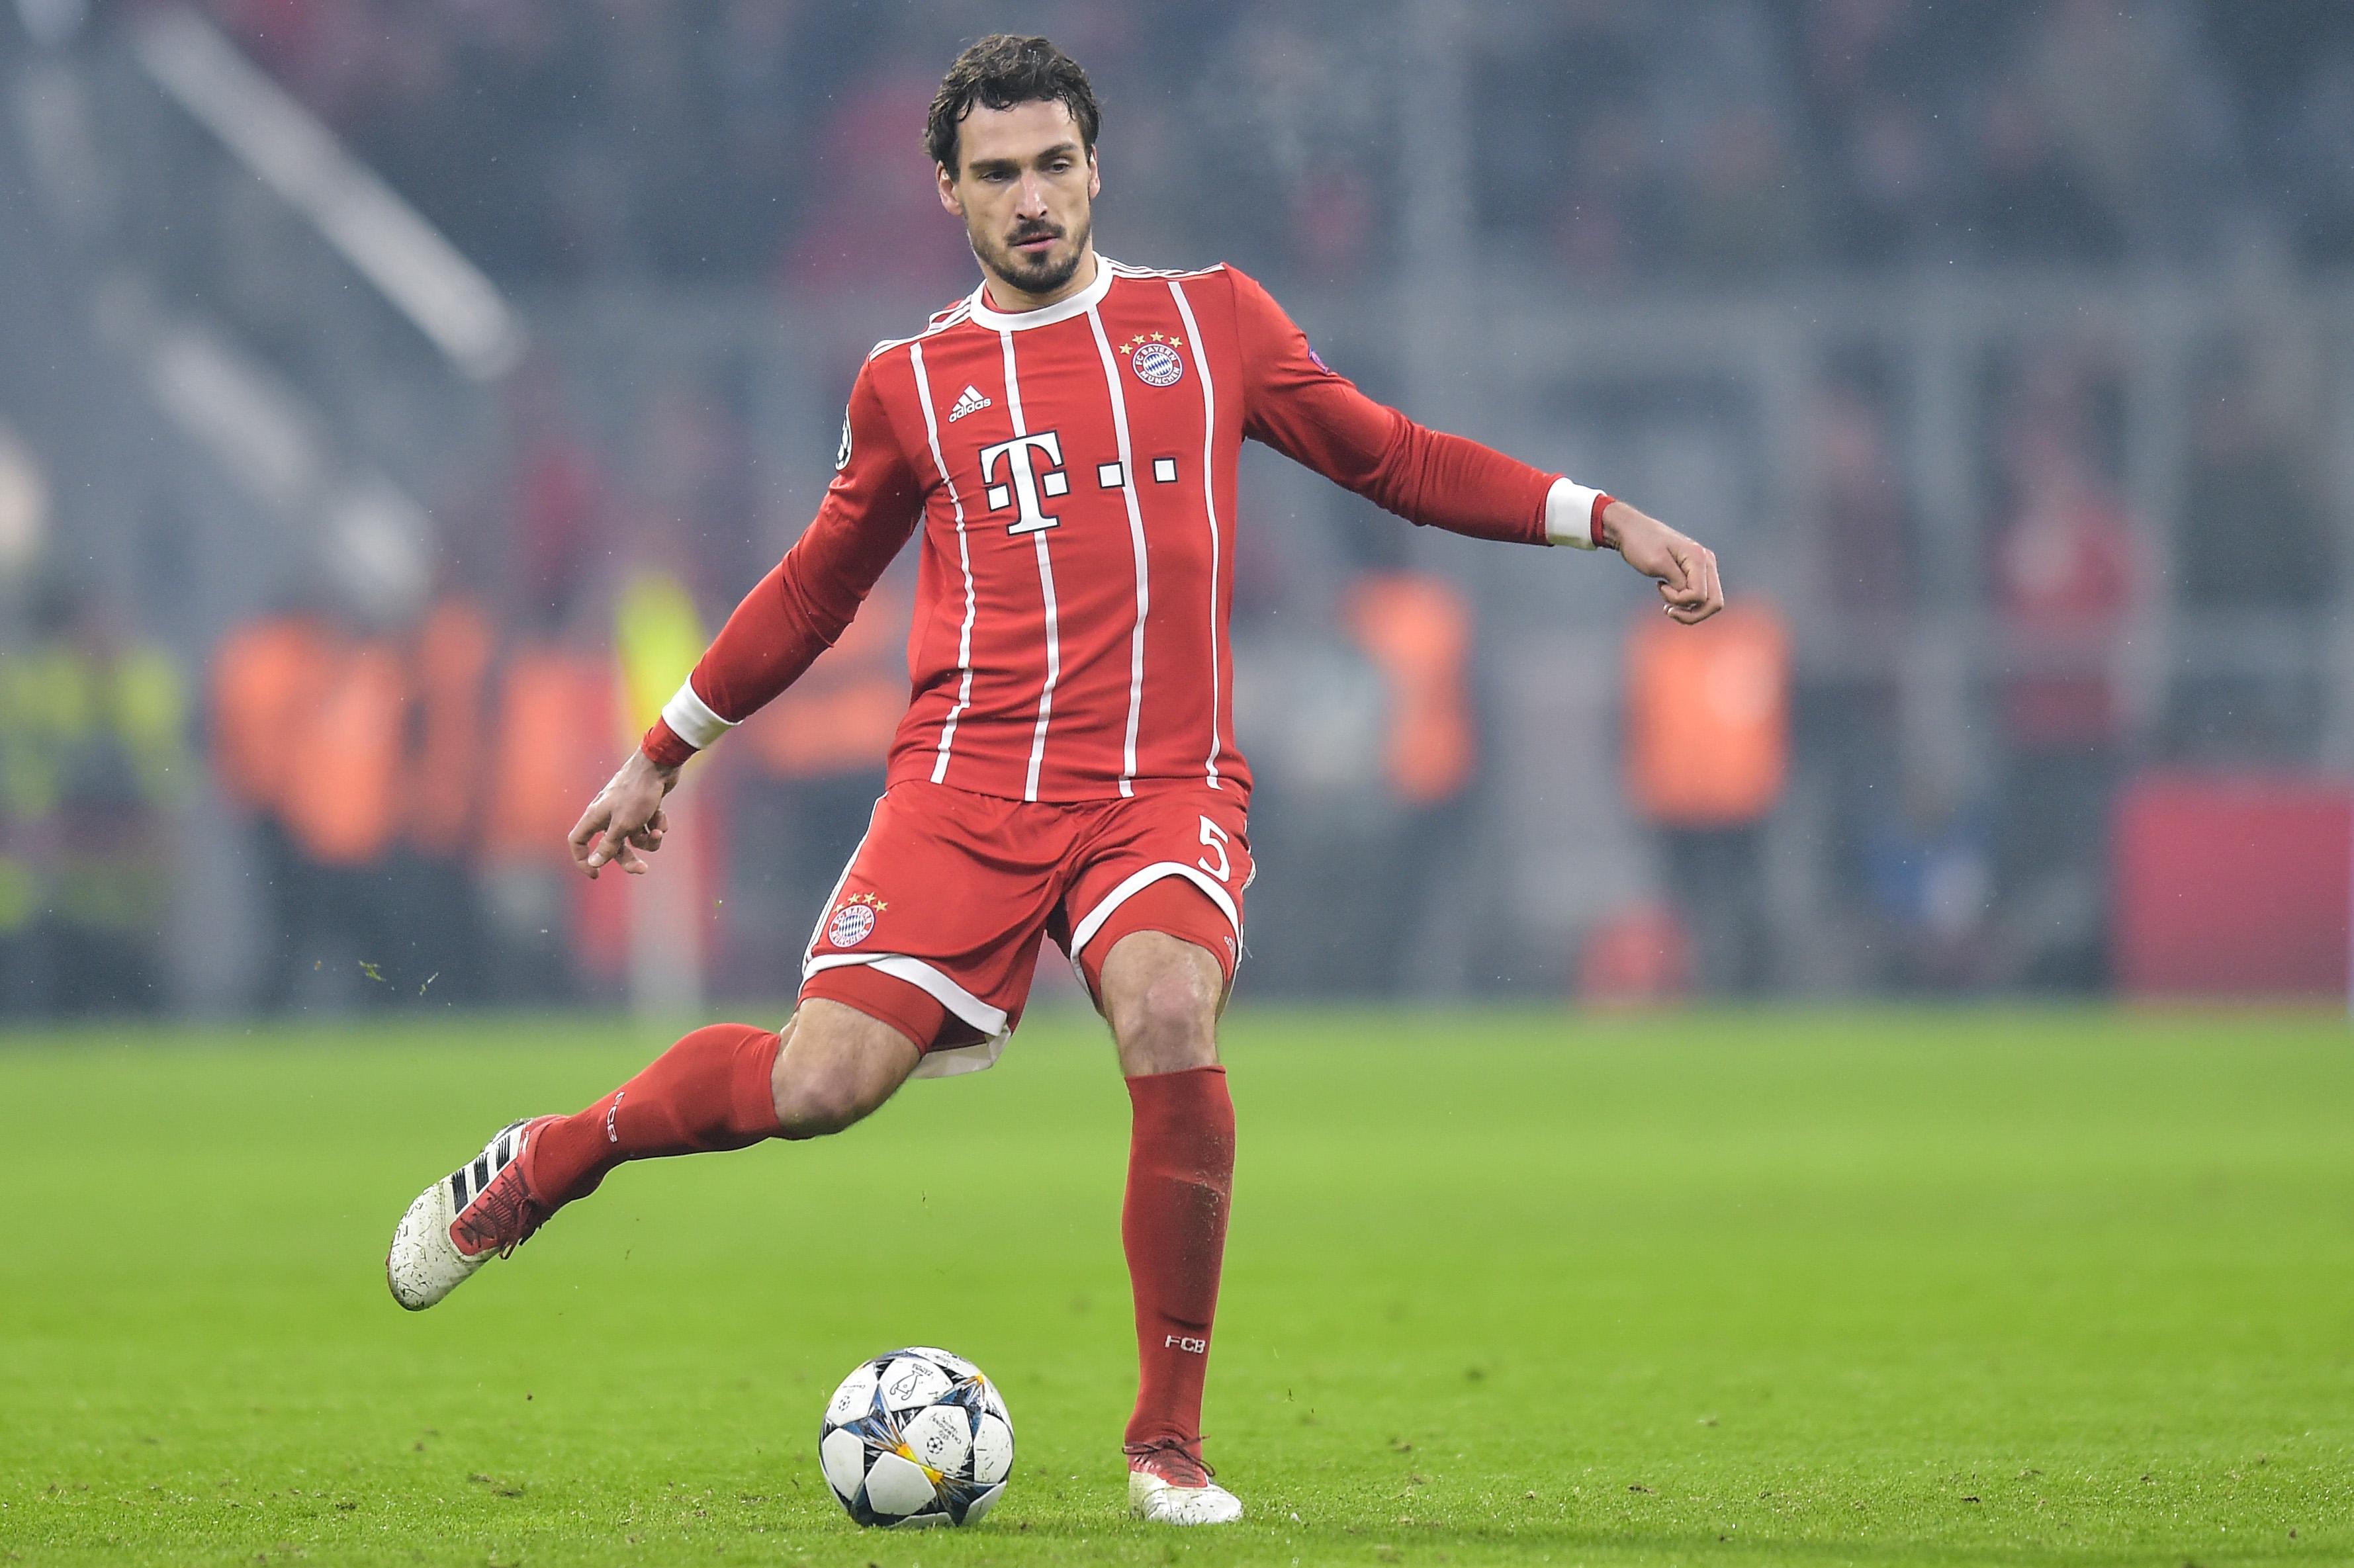 Mats Hummels - Bayern Munich and Germany